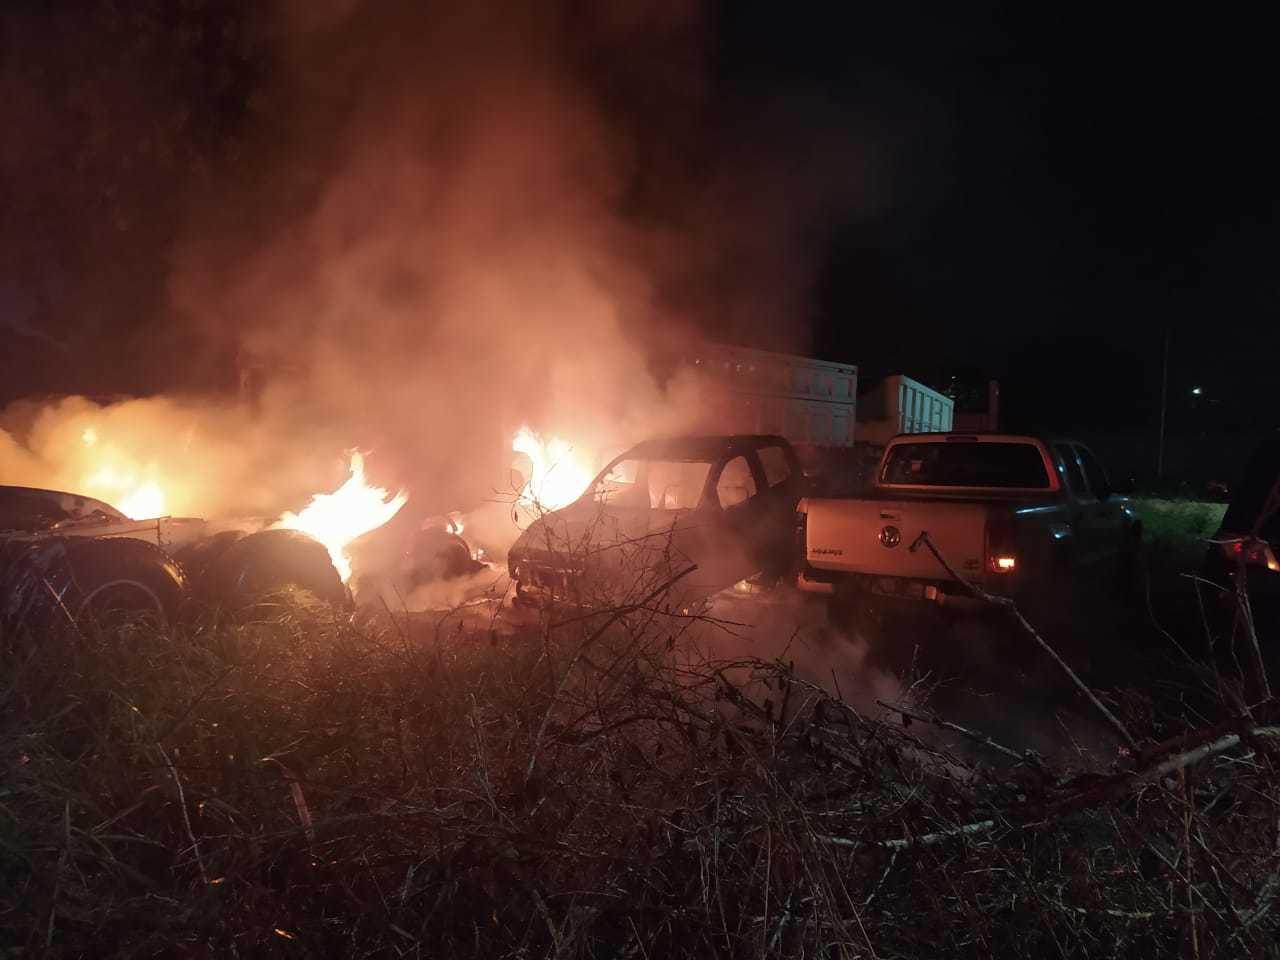 Duas caminhinetes e uma carreta foram atingidas pelo fogo (Foto: Divulgação)